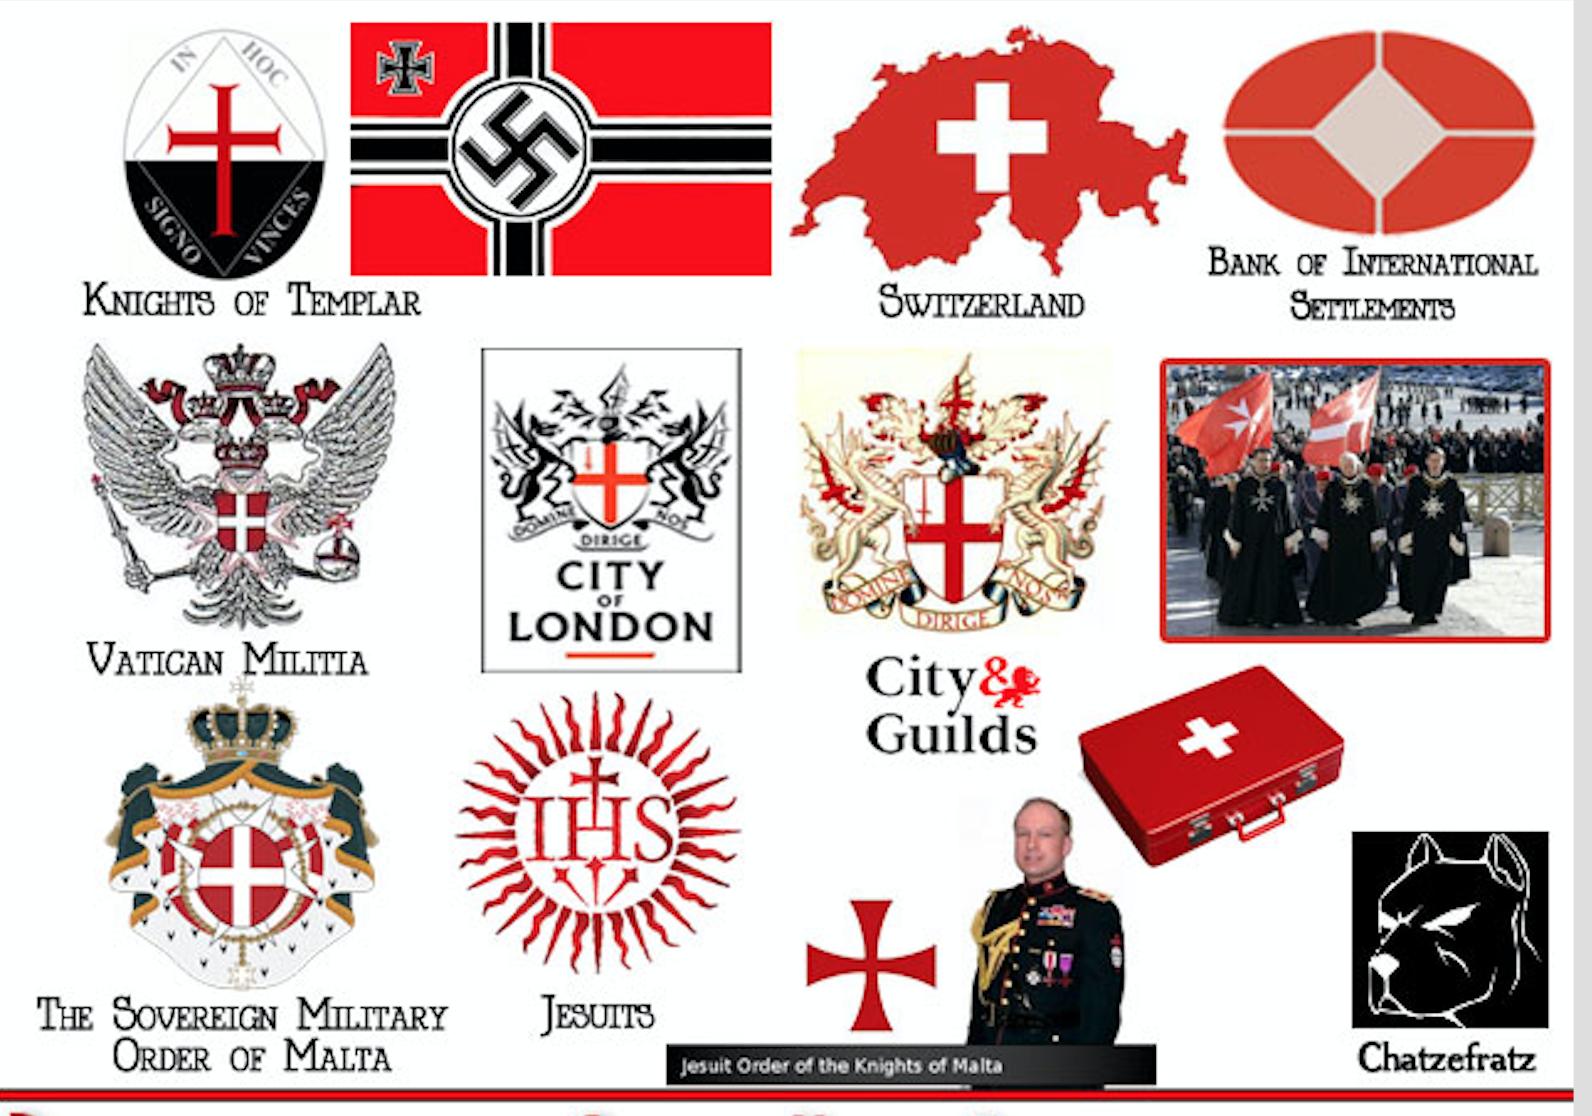 Betekenis van kruizen in logo's van de Cabal